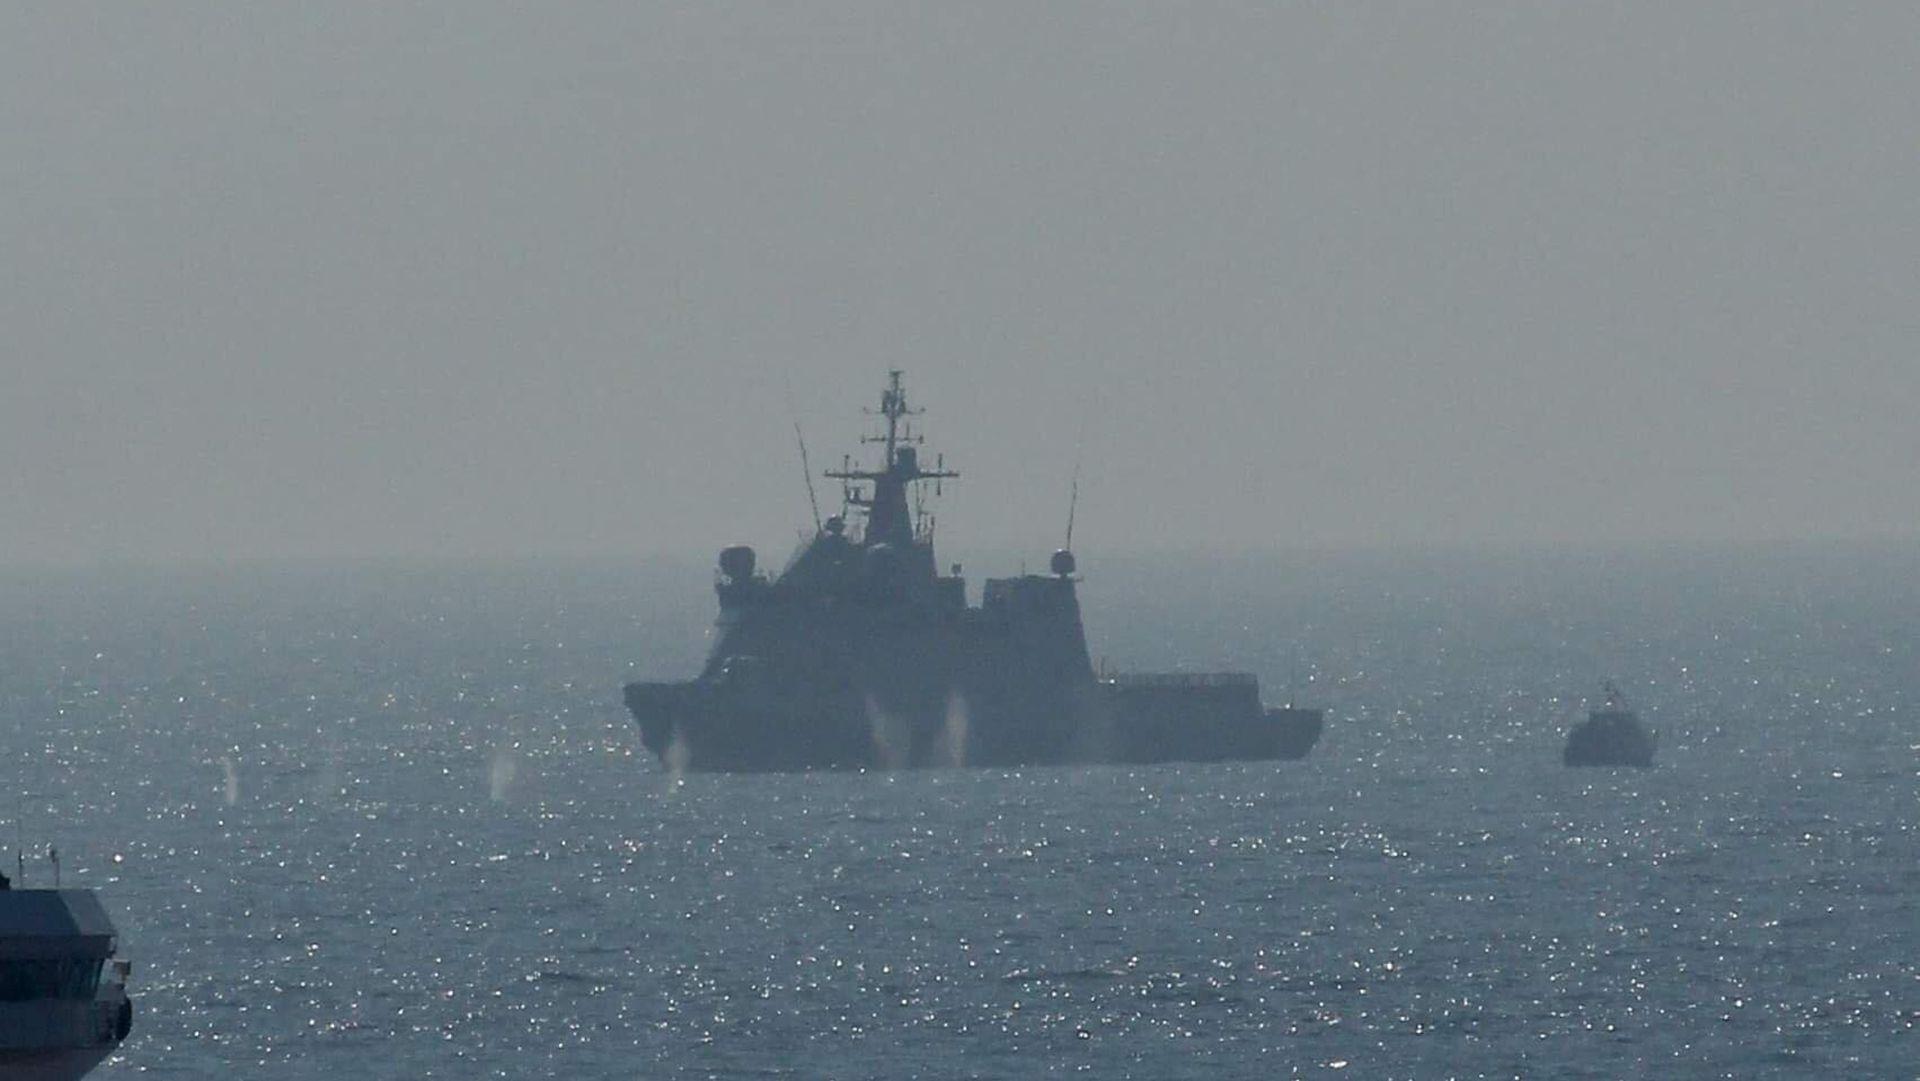 Reino Unido elevó al máximo la alerta de seguridad para buques mercantes (Daniel Ferro)